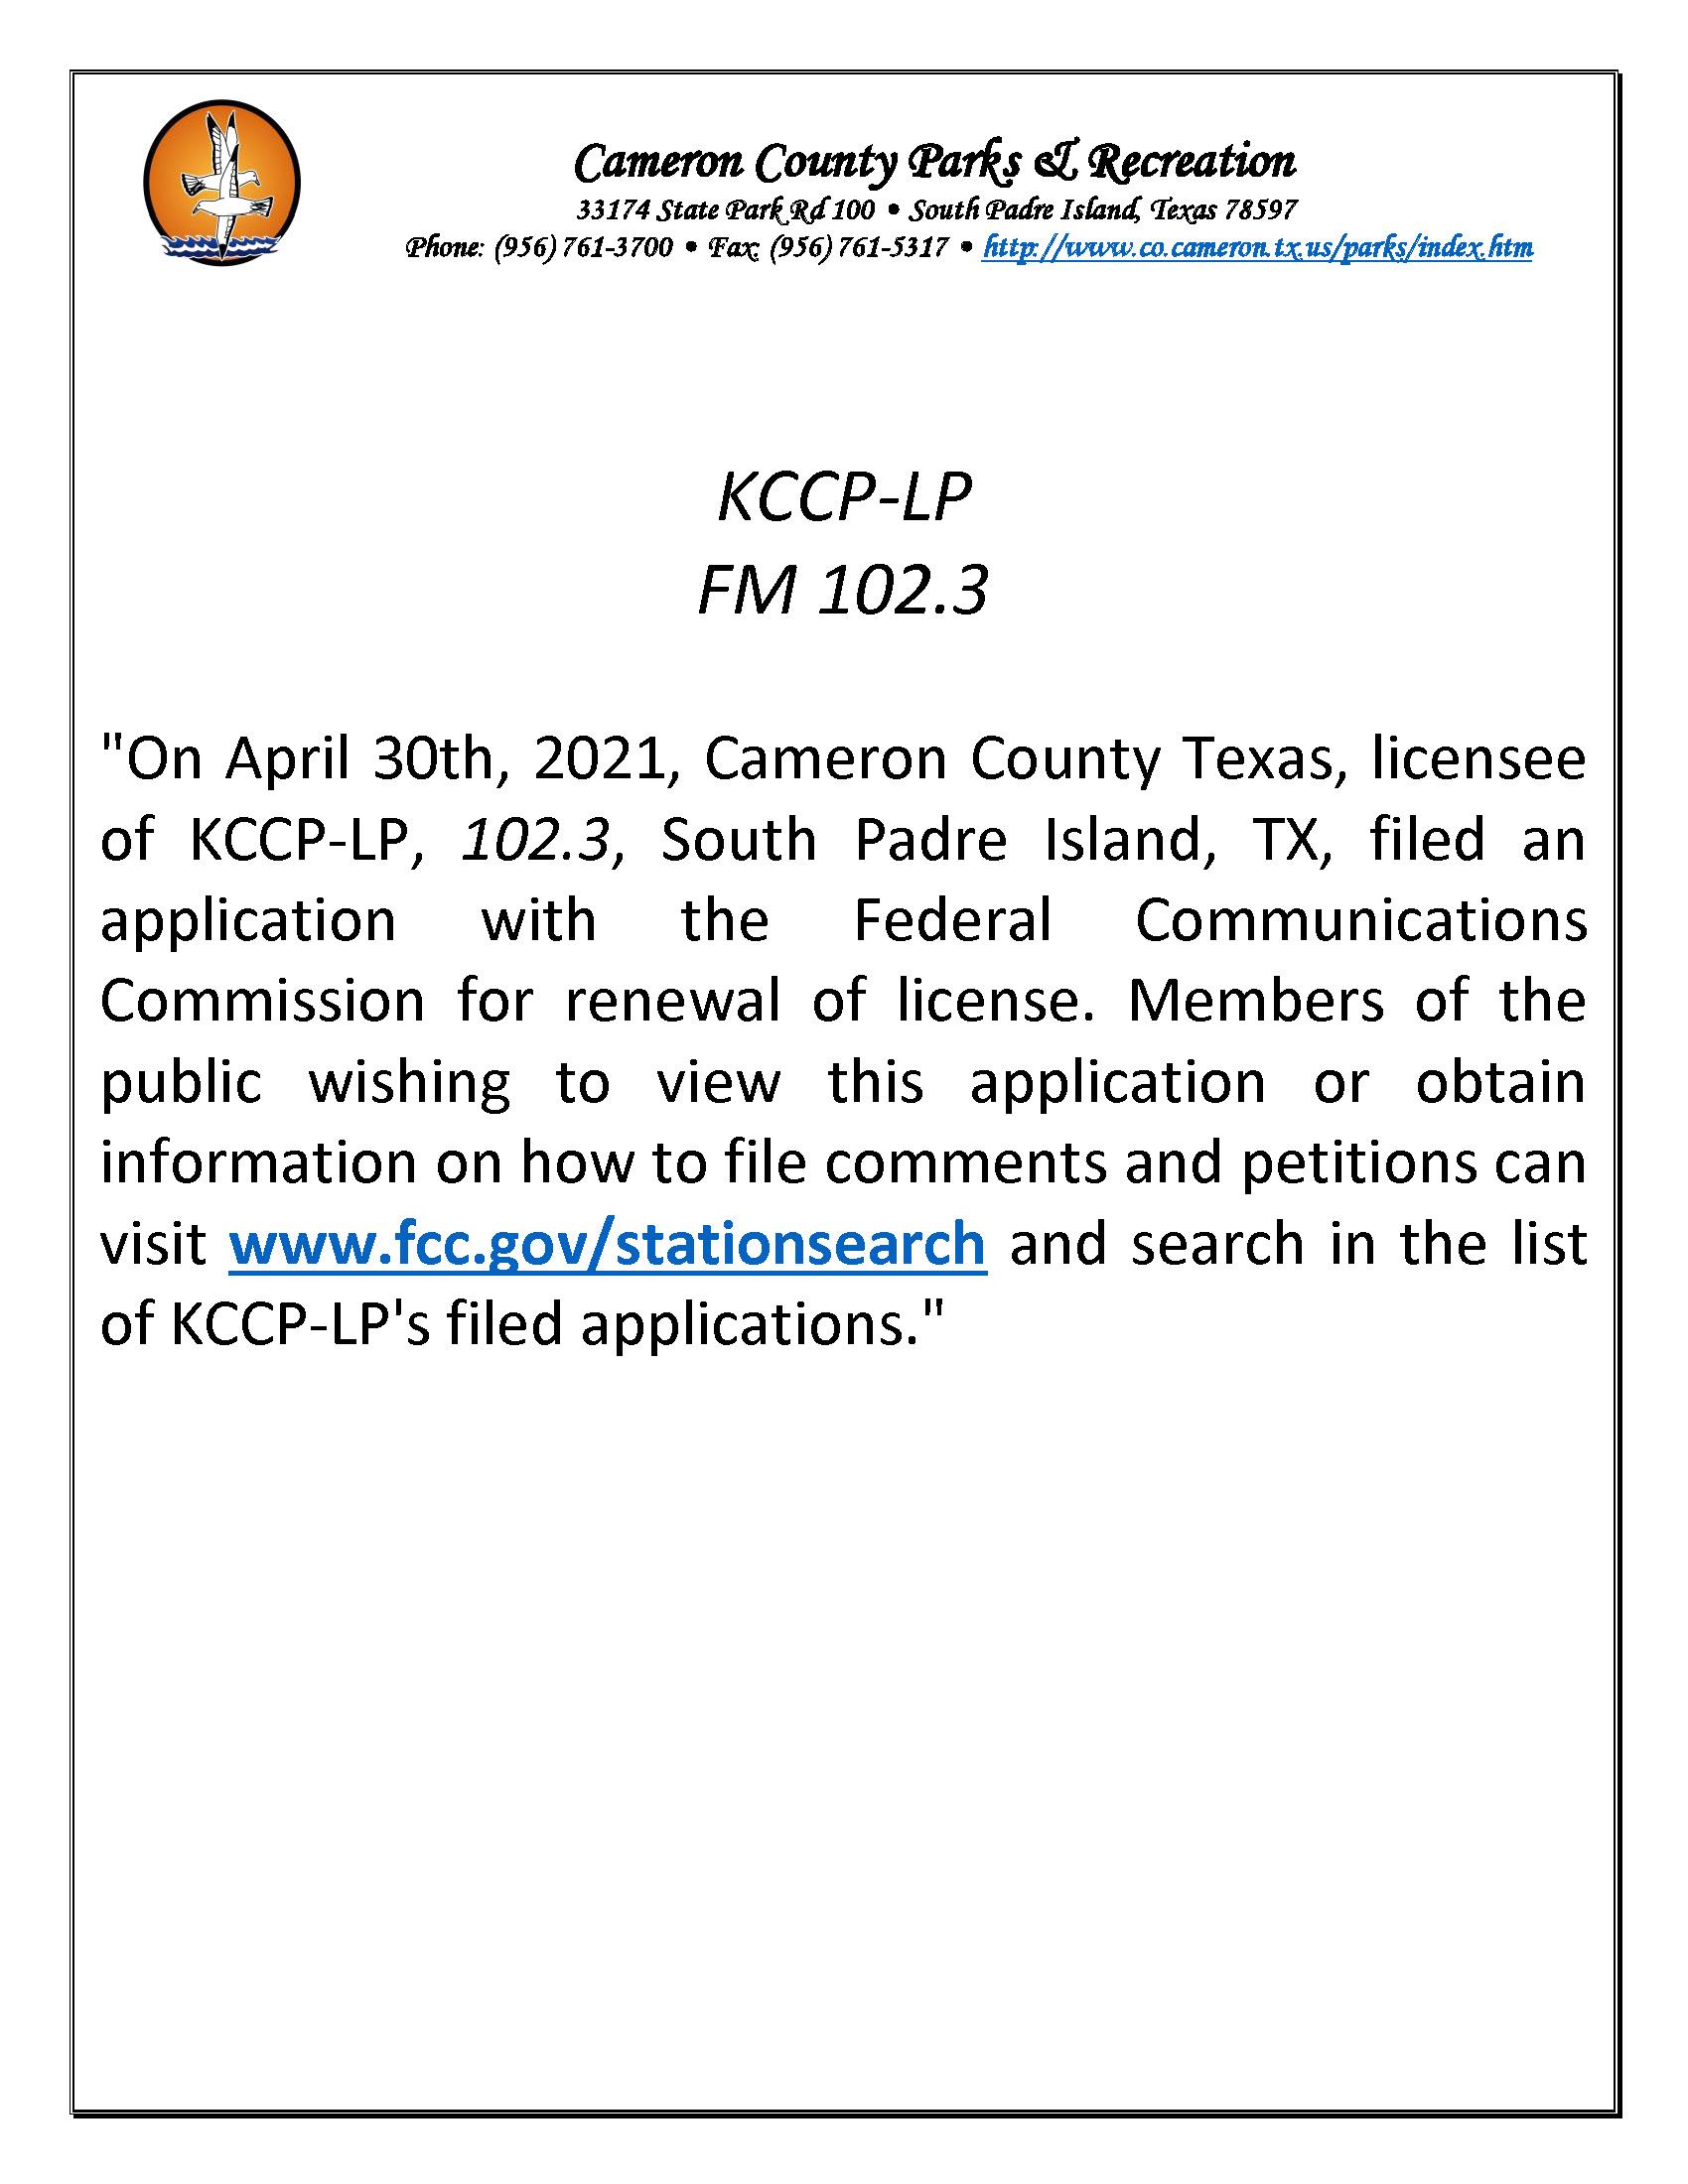 KCCP LP FM 102.3 Publication